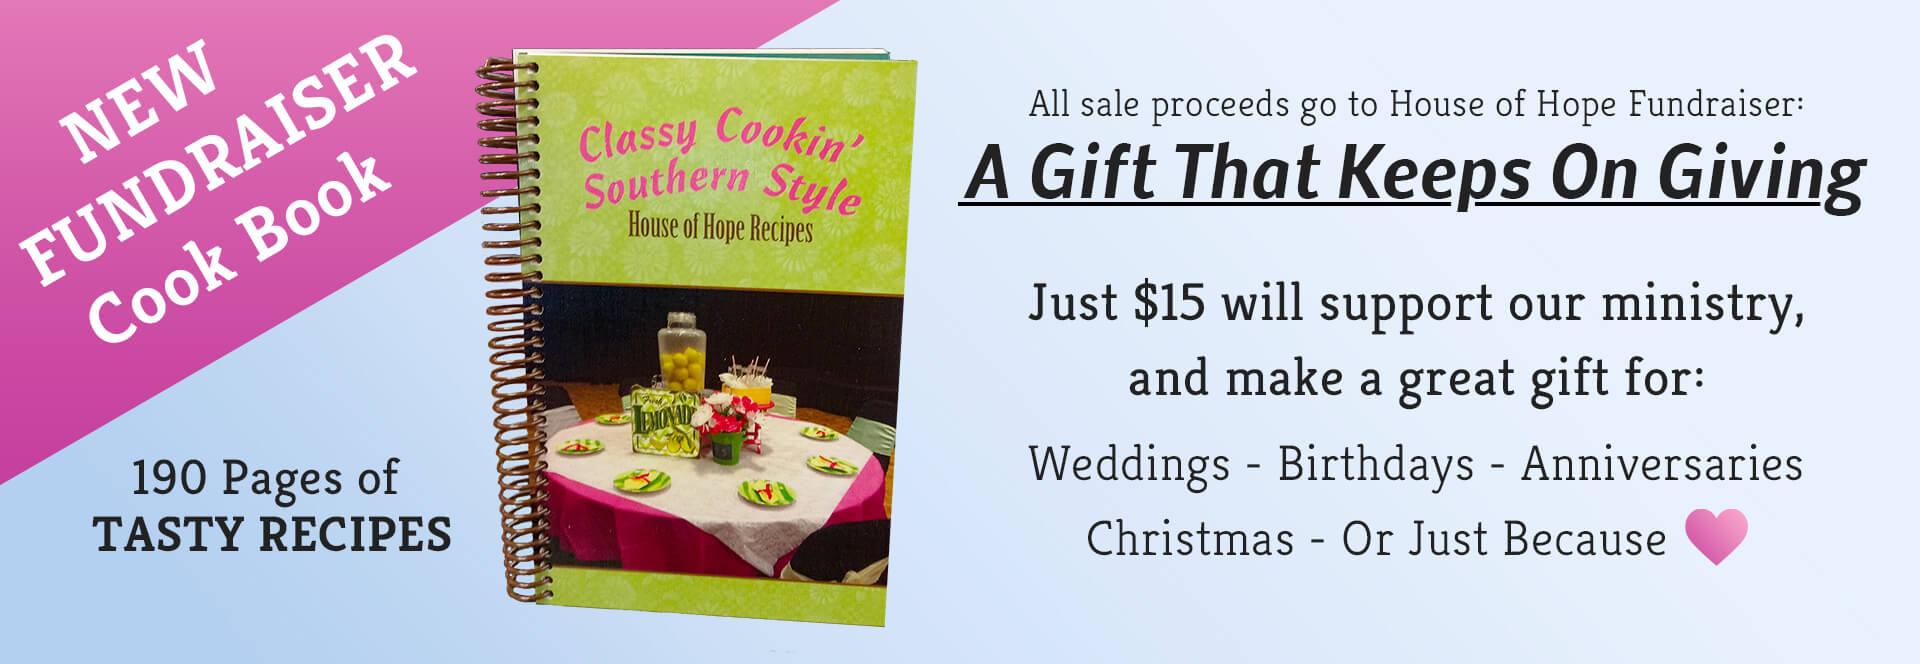 Cook Book Fundraiser Banner